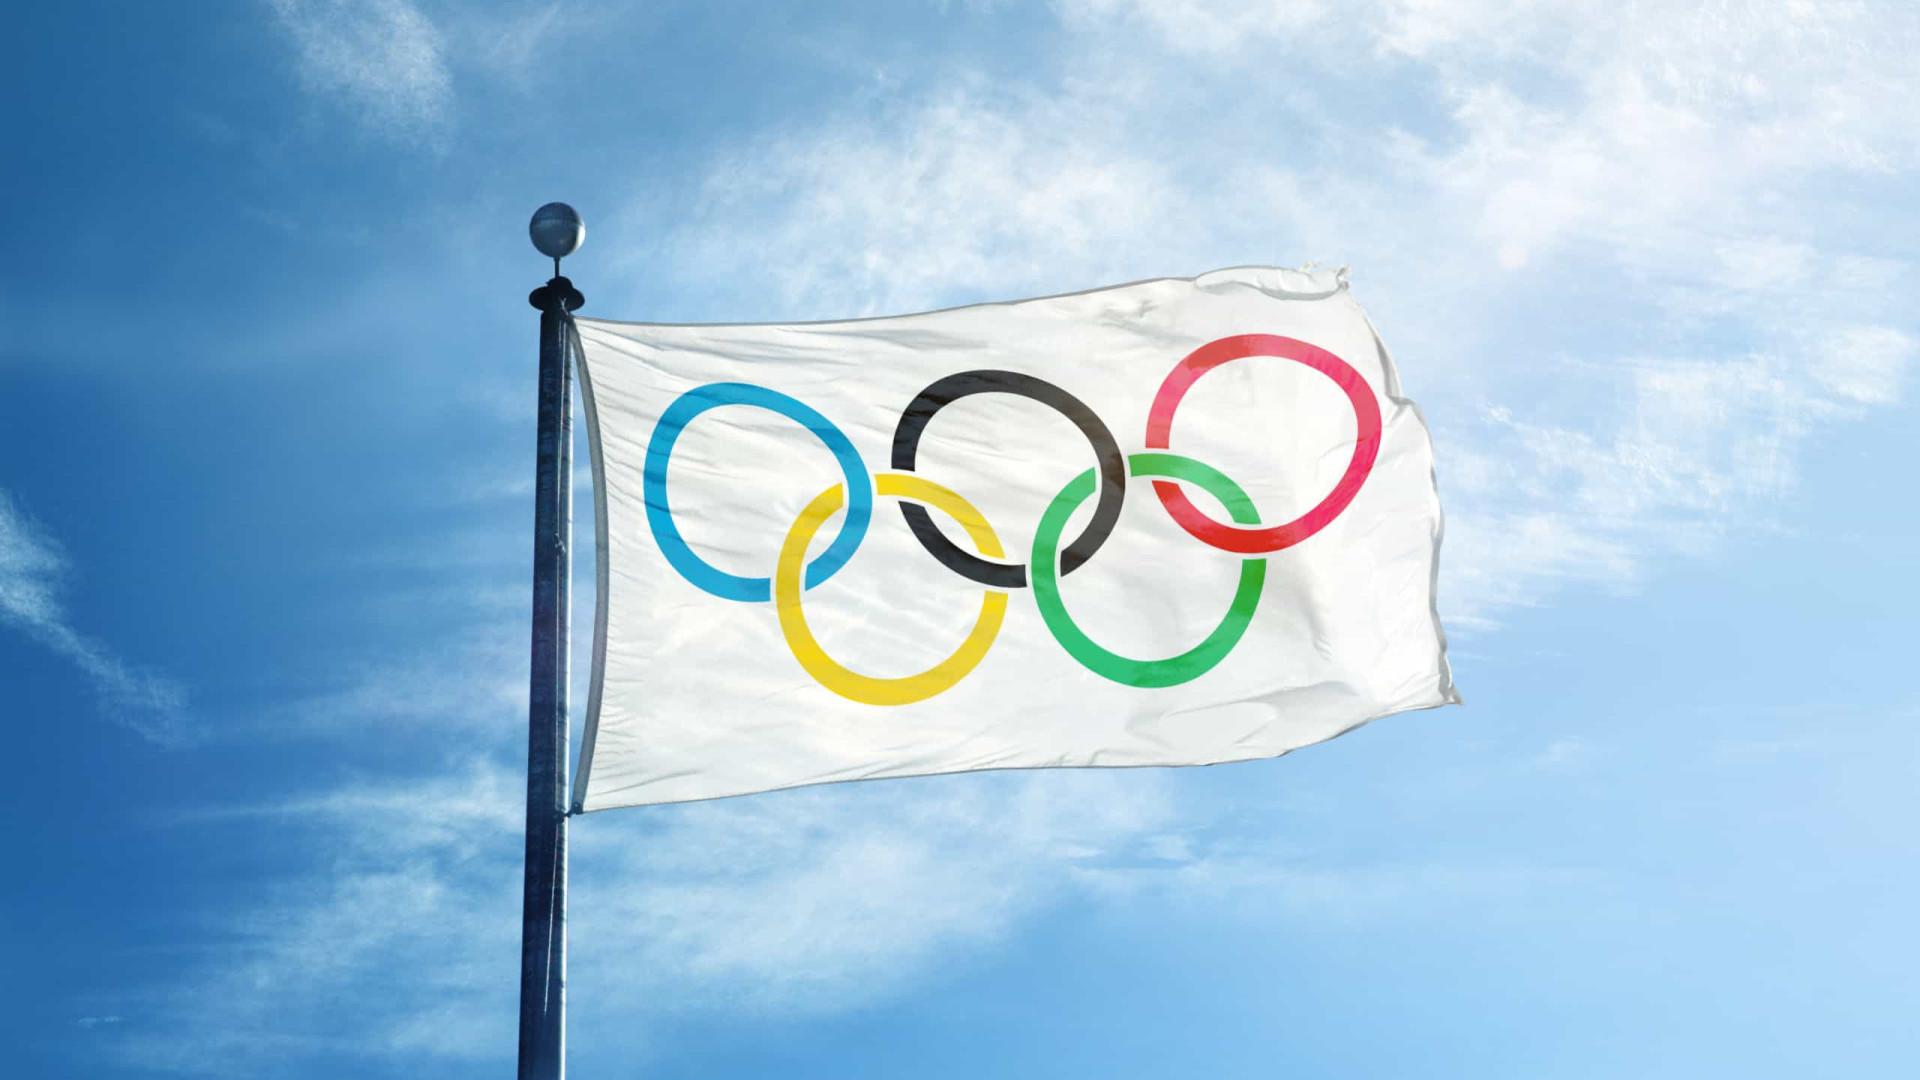 Adiamento dos Jogos Olímpicos de Tóquio para 2021 vai custar R$ 10 bilhões